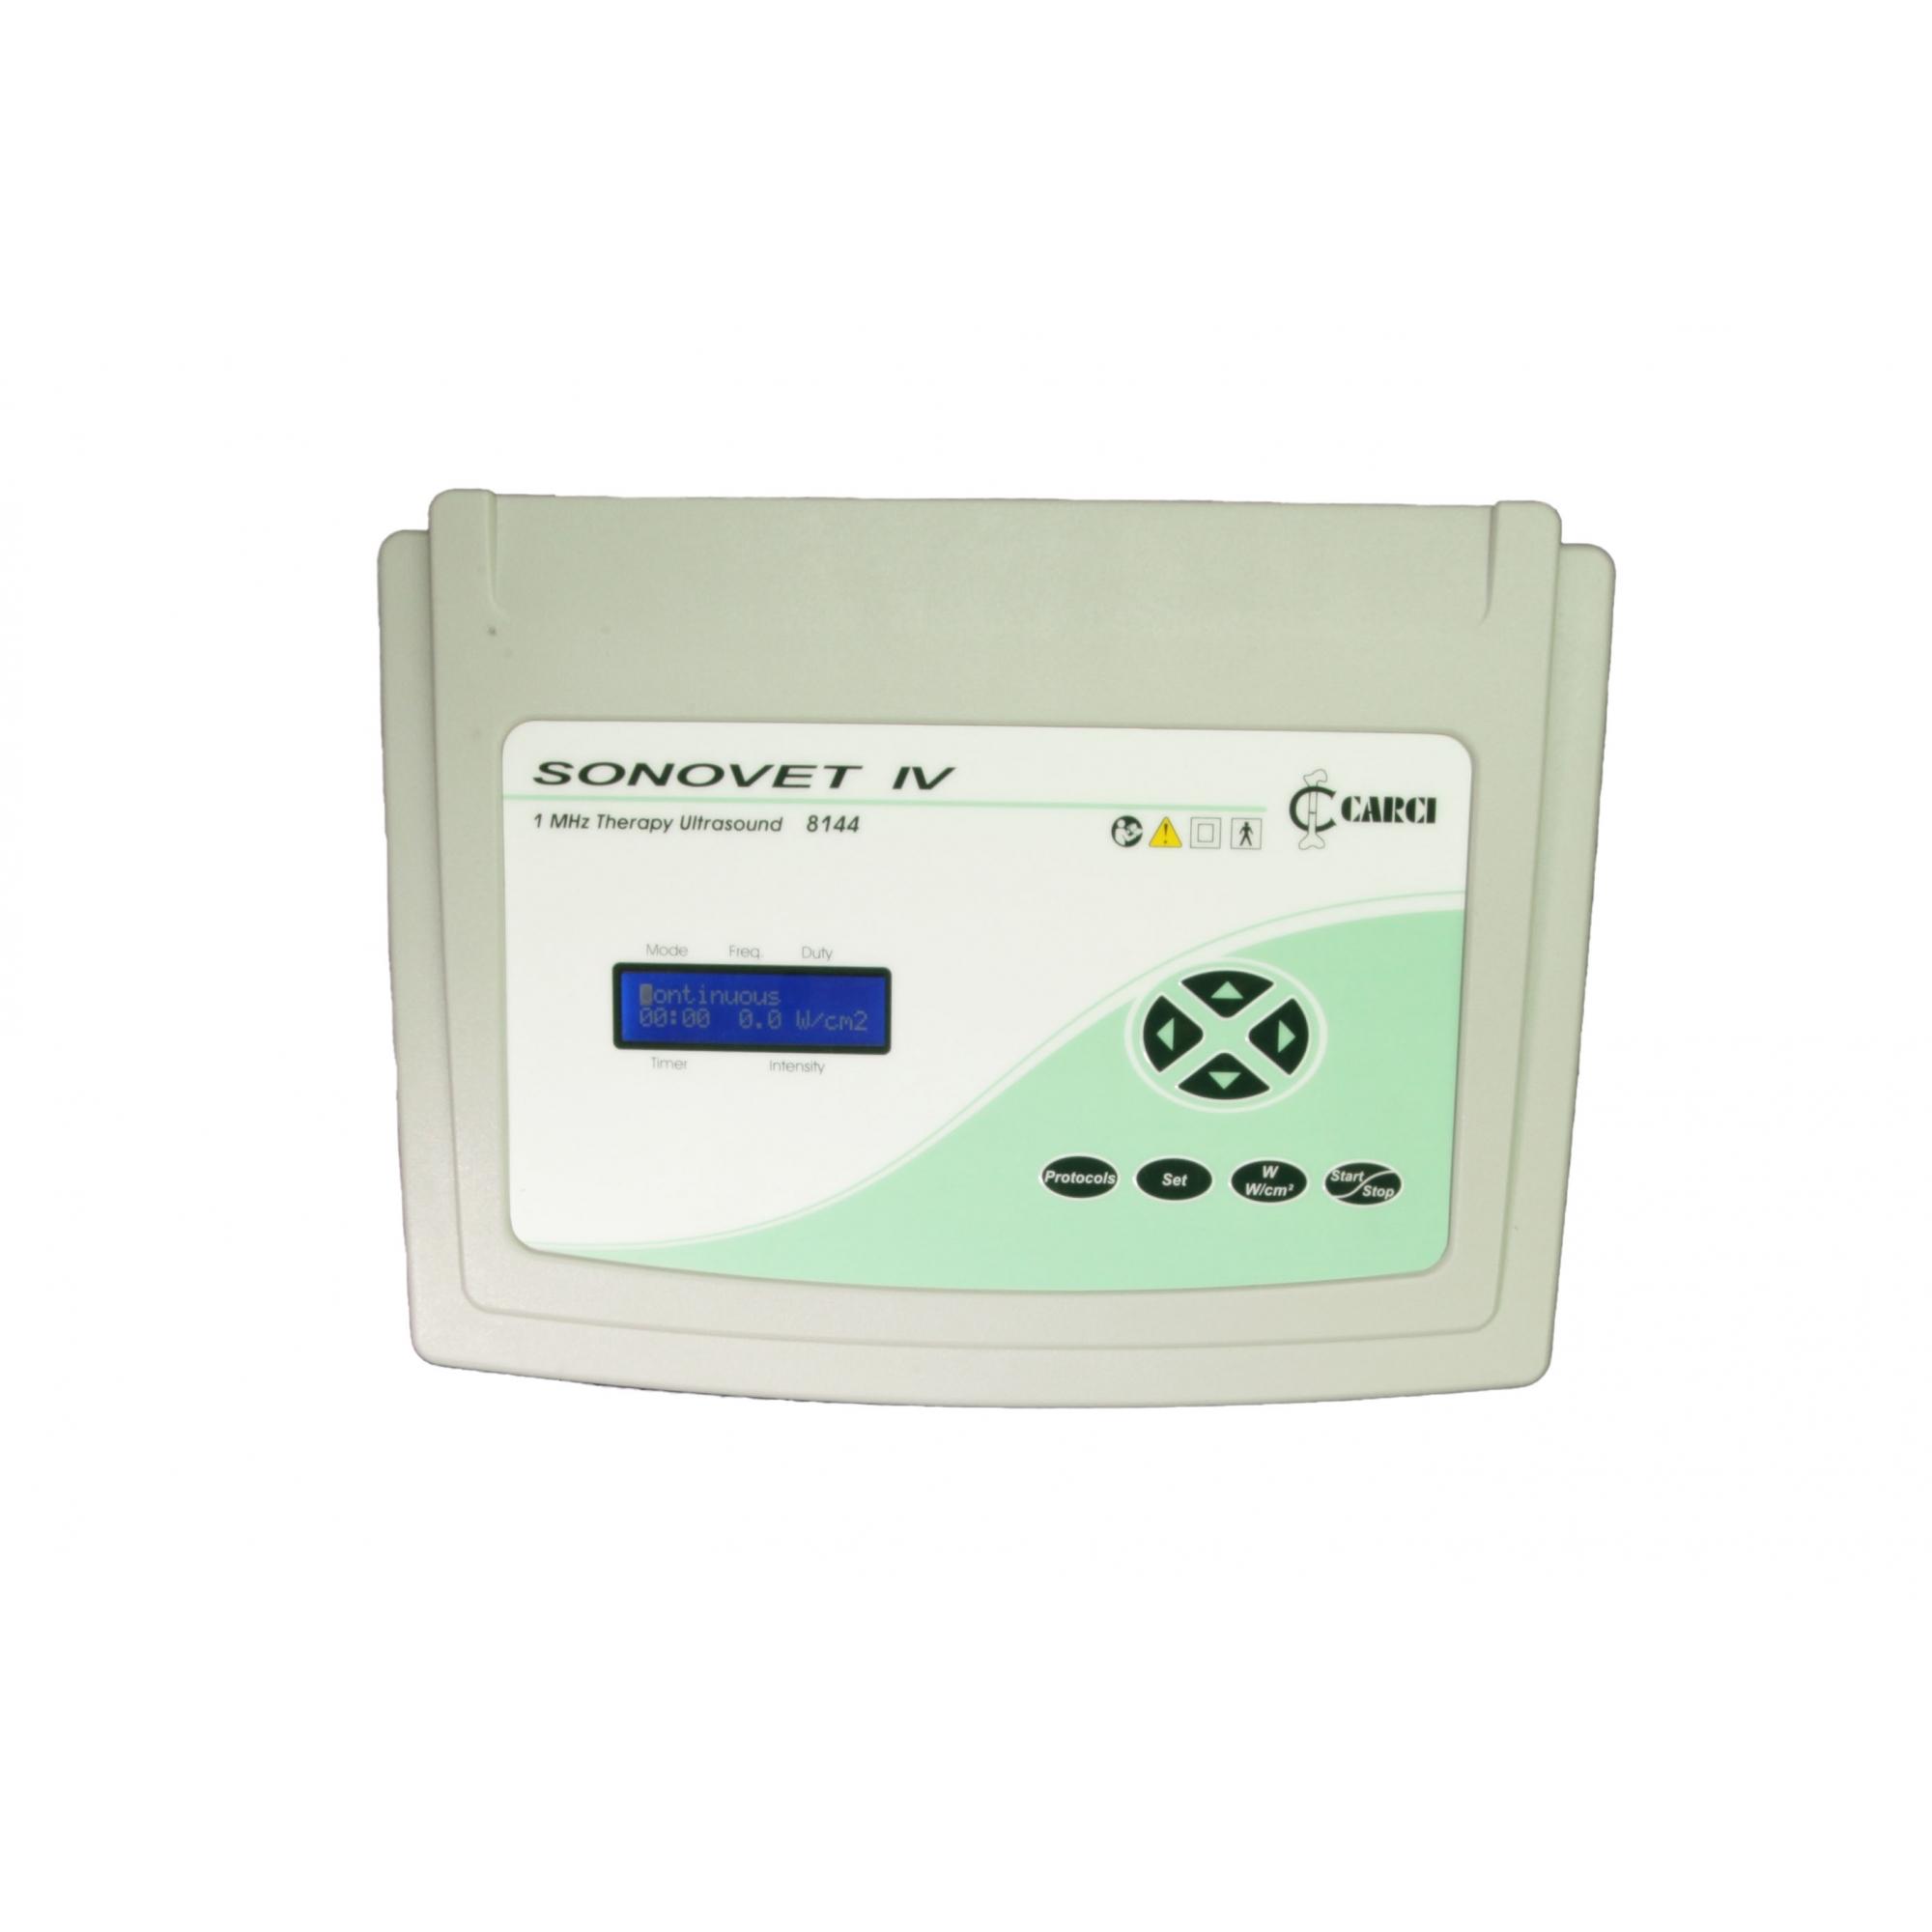 SONOVET - Ultrassom para fisioterapia 1 mhz  digital  -  8098VET